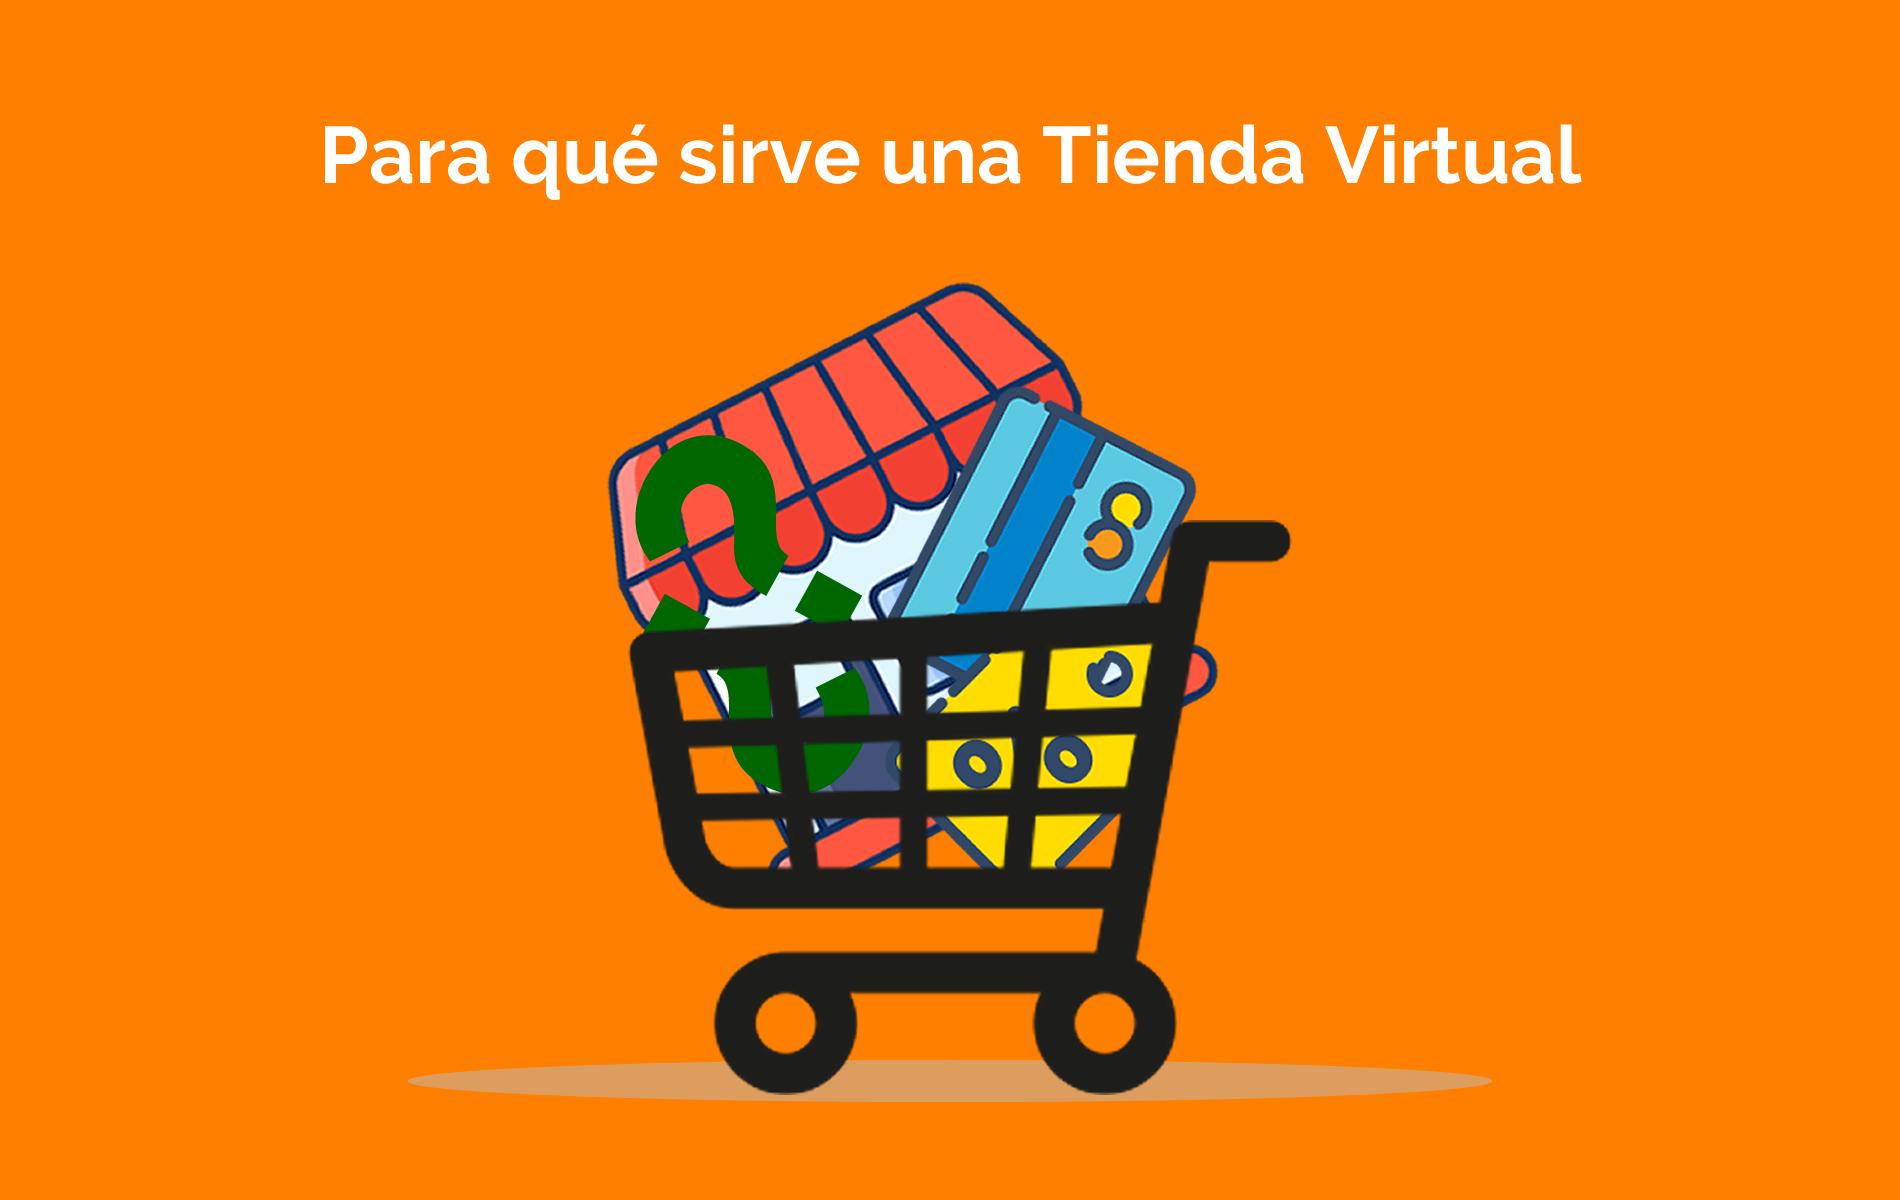 ¿Para qué sirve una tienda virtual?